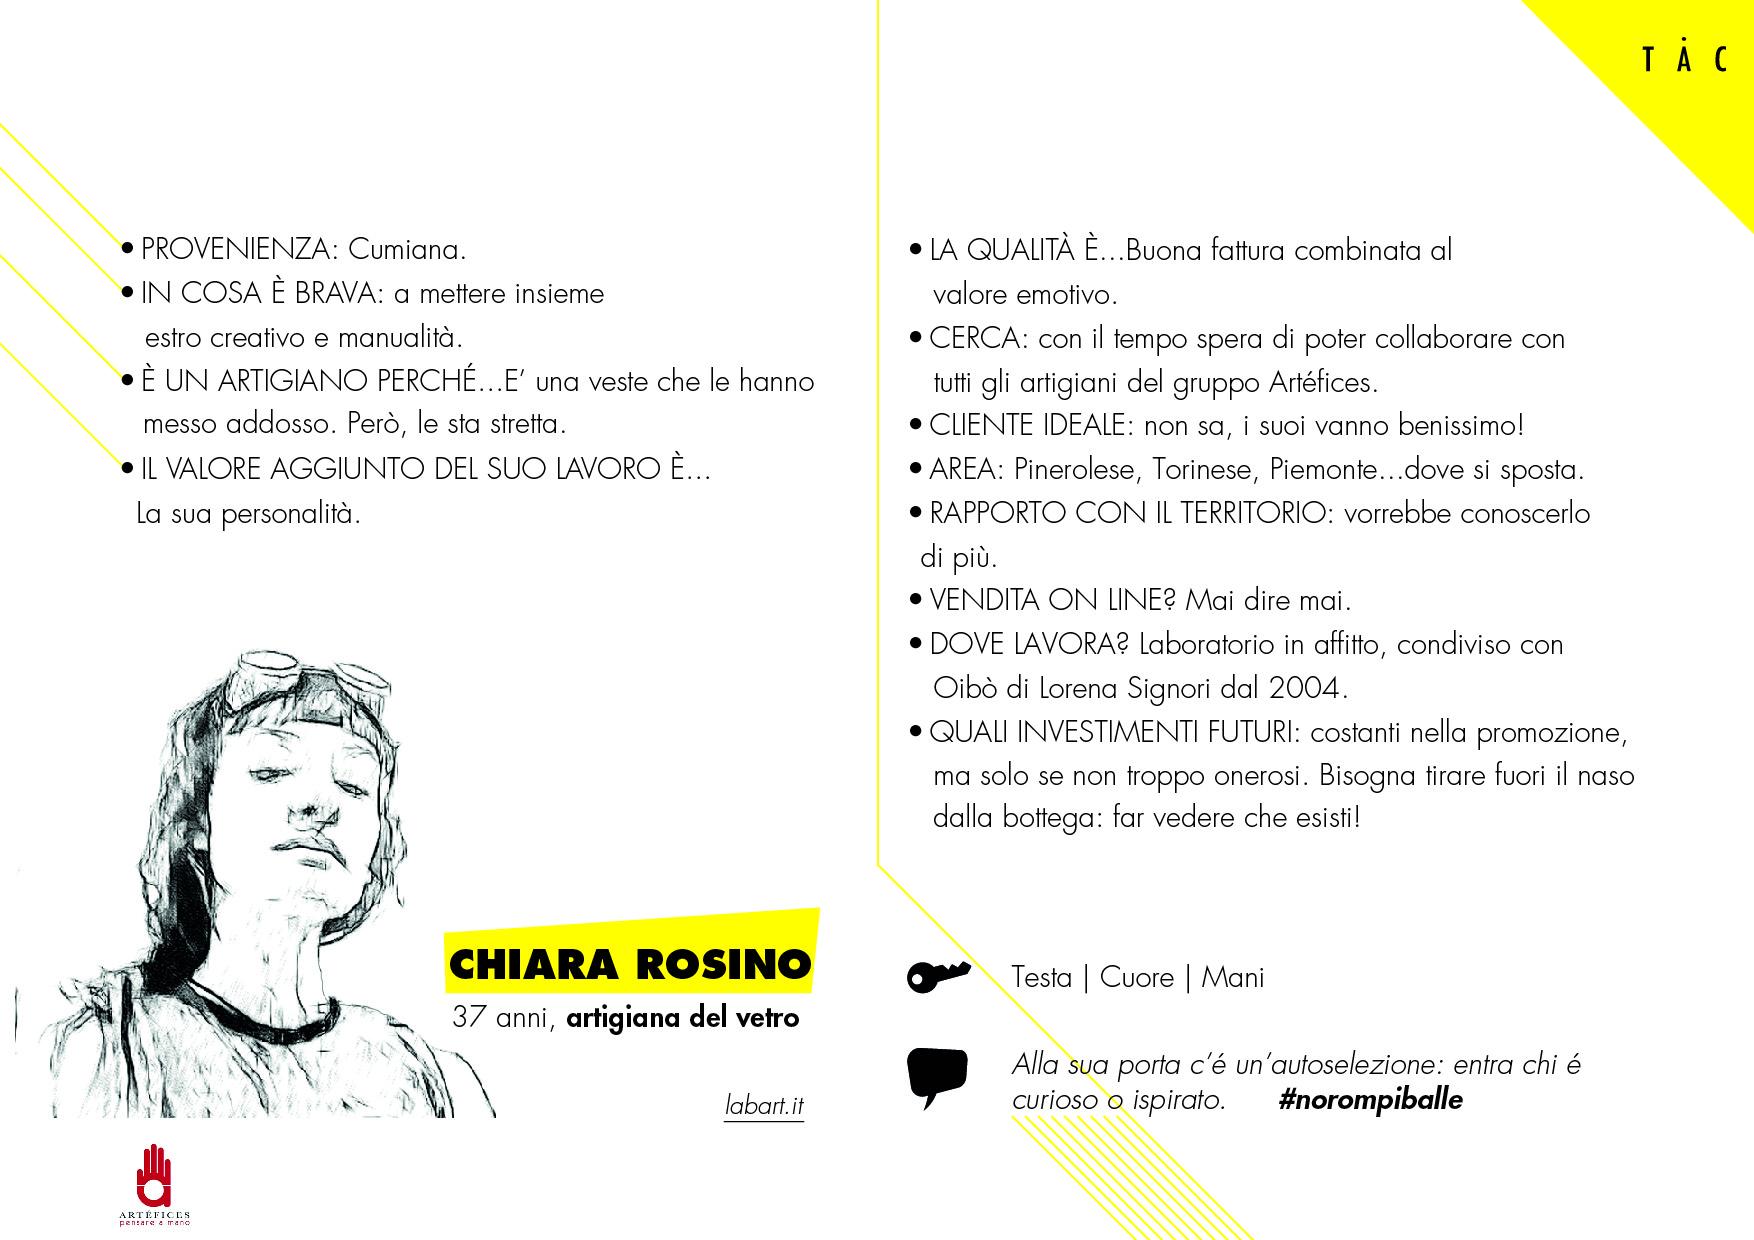 CHIARA ROSINO